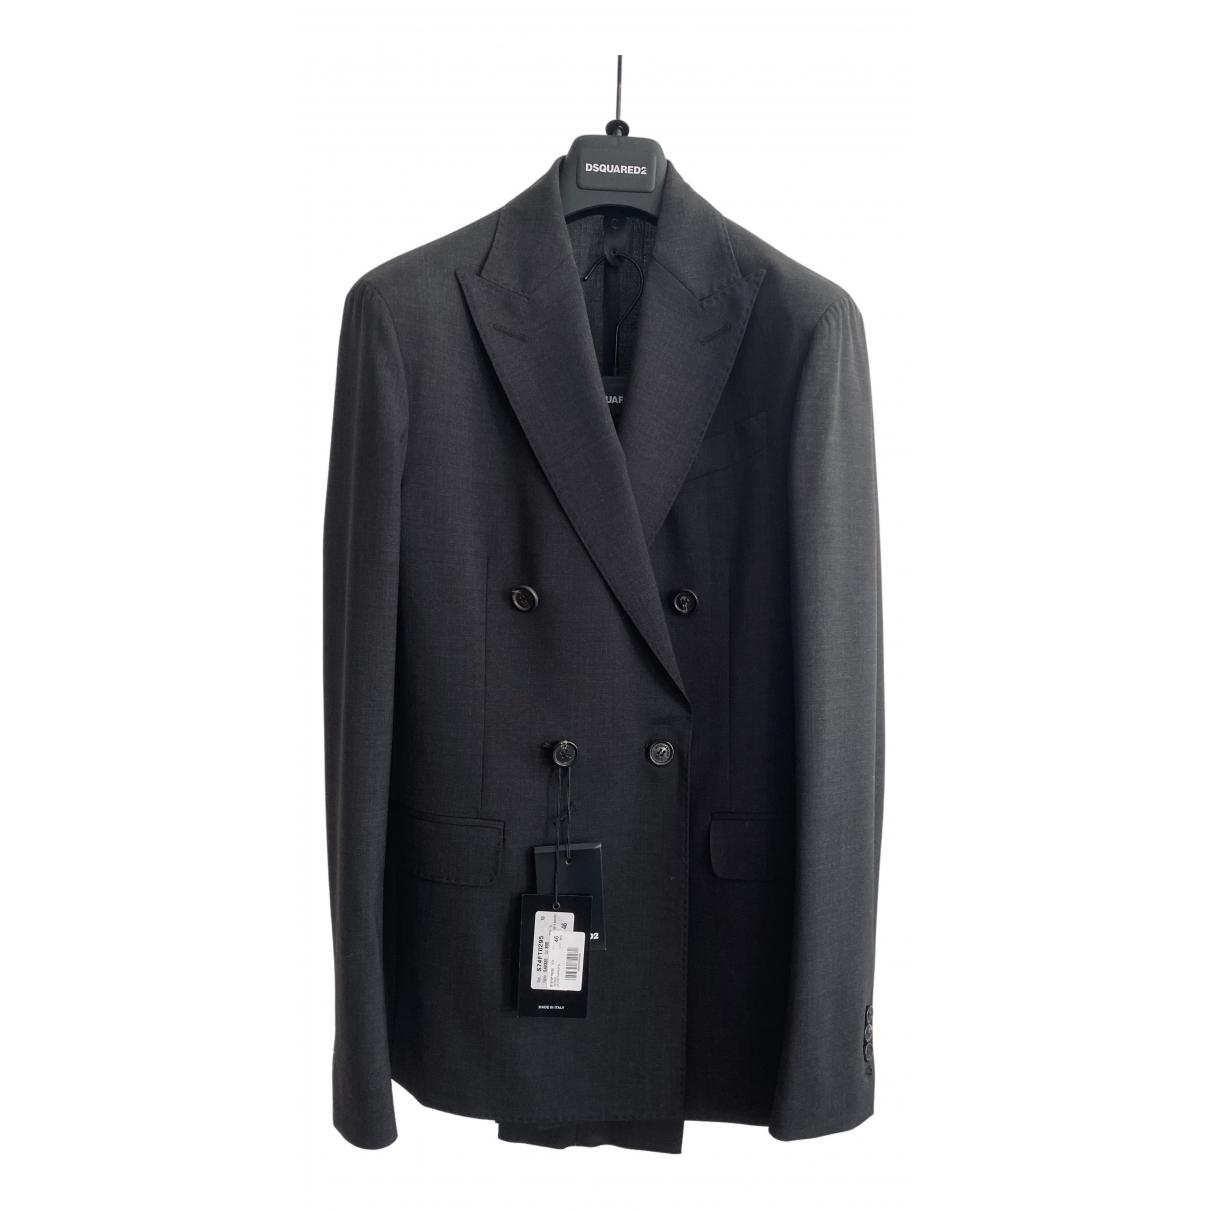 Dsquared2 - Costumes   pour homme en laine - anthracite